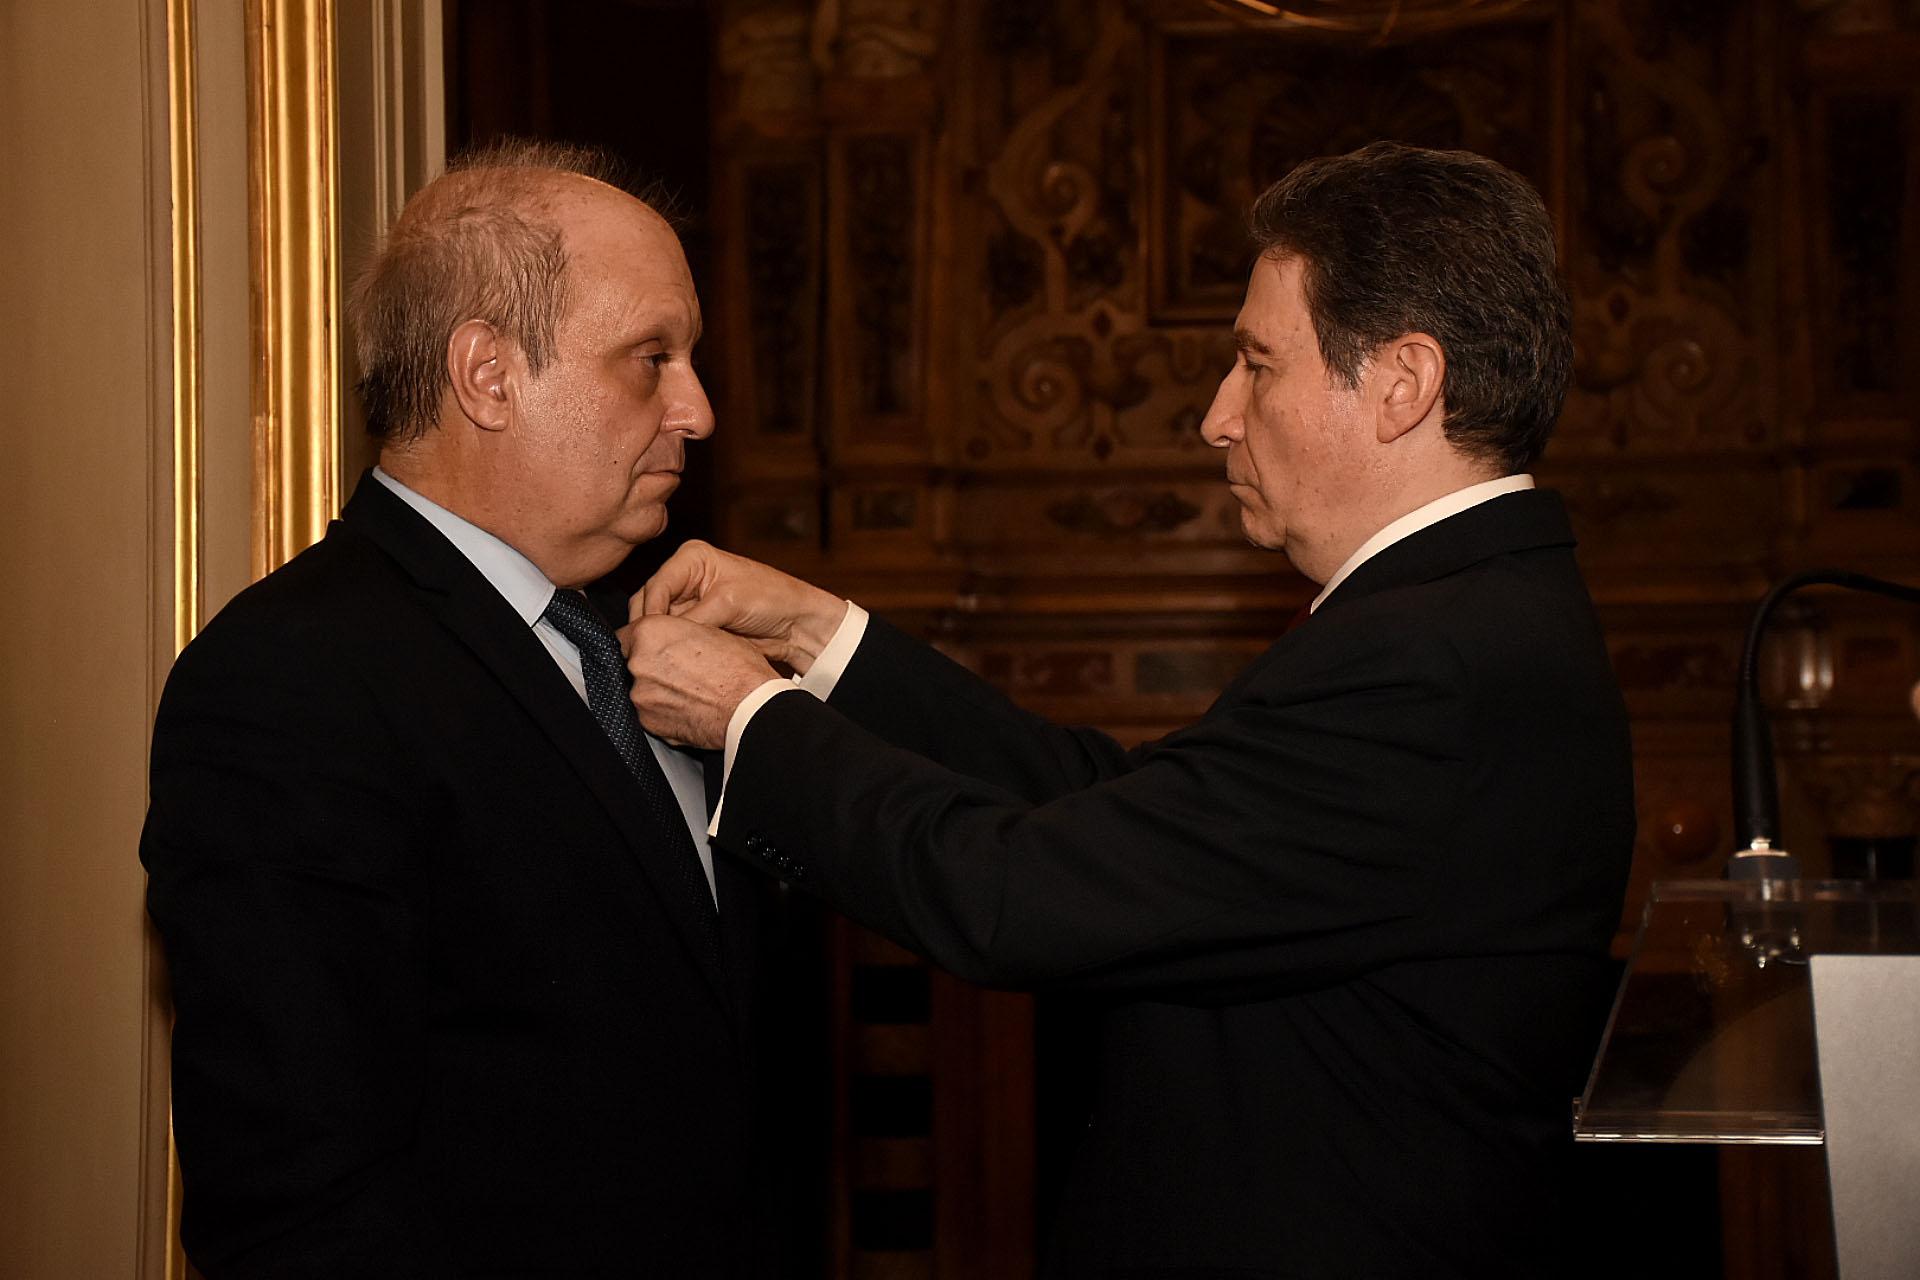 """Luego de destacar la gran cantidad de proyectos y planes realizados en conjunto, el embajador de Francia recordó: """"Juntos hemos vivido la extraordinaria aventura delG20. En pocos meses, pudiste darle a la cumbre un carácter genuinamente argentino, y eso era un reto fenomenal"""" y reconoció enLombardia """"un hombre generoso, que ama profundamente el debate de las ideas.Un Argentino orgulloso de su patria, que trabaja con pasión construyendo vínculos perennes entre Francia y Argentina, haciendo de la cooperación cultural la herramienta clave de su gestión"""""""